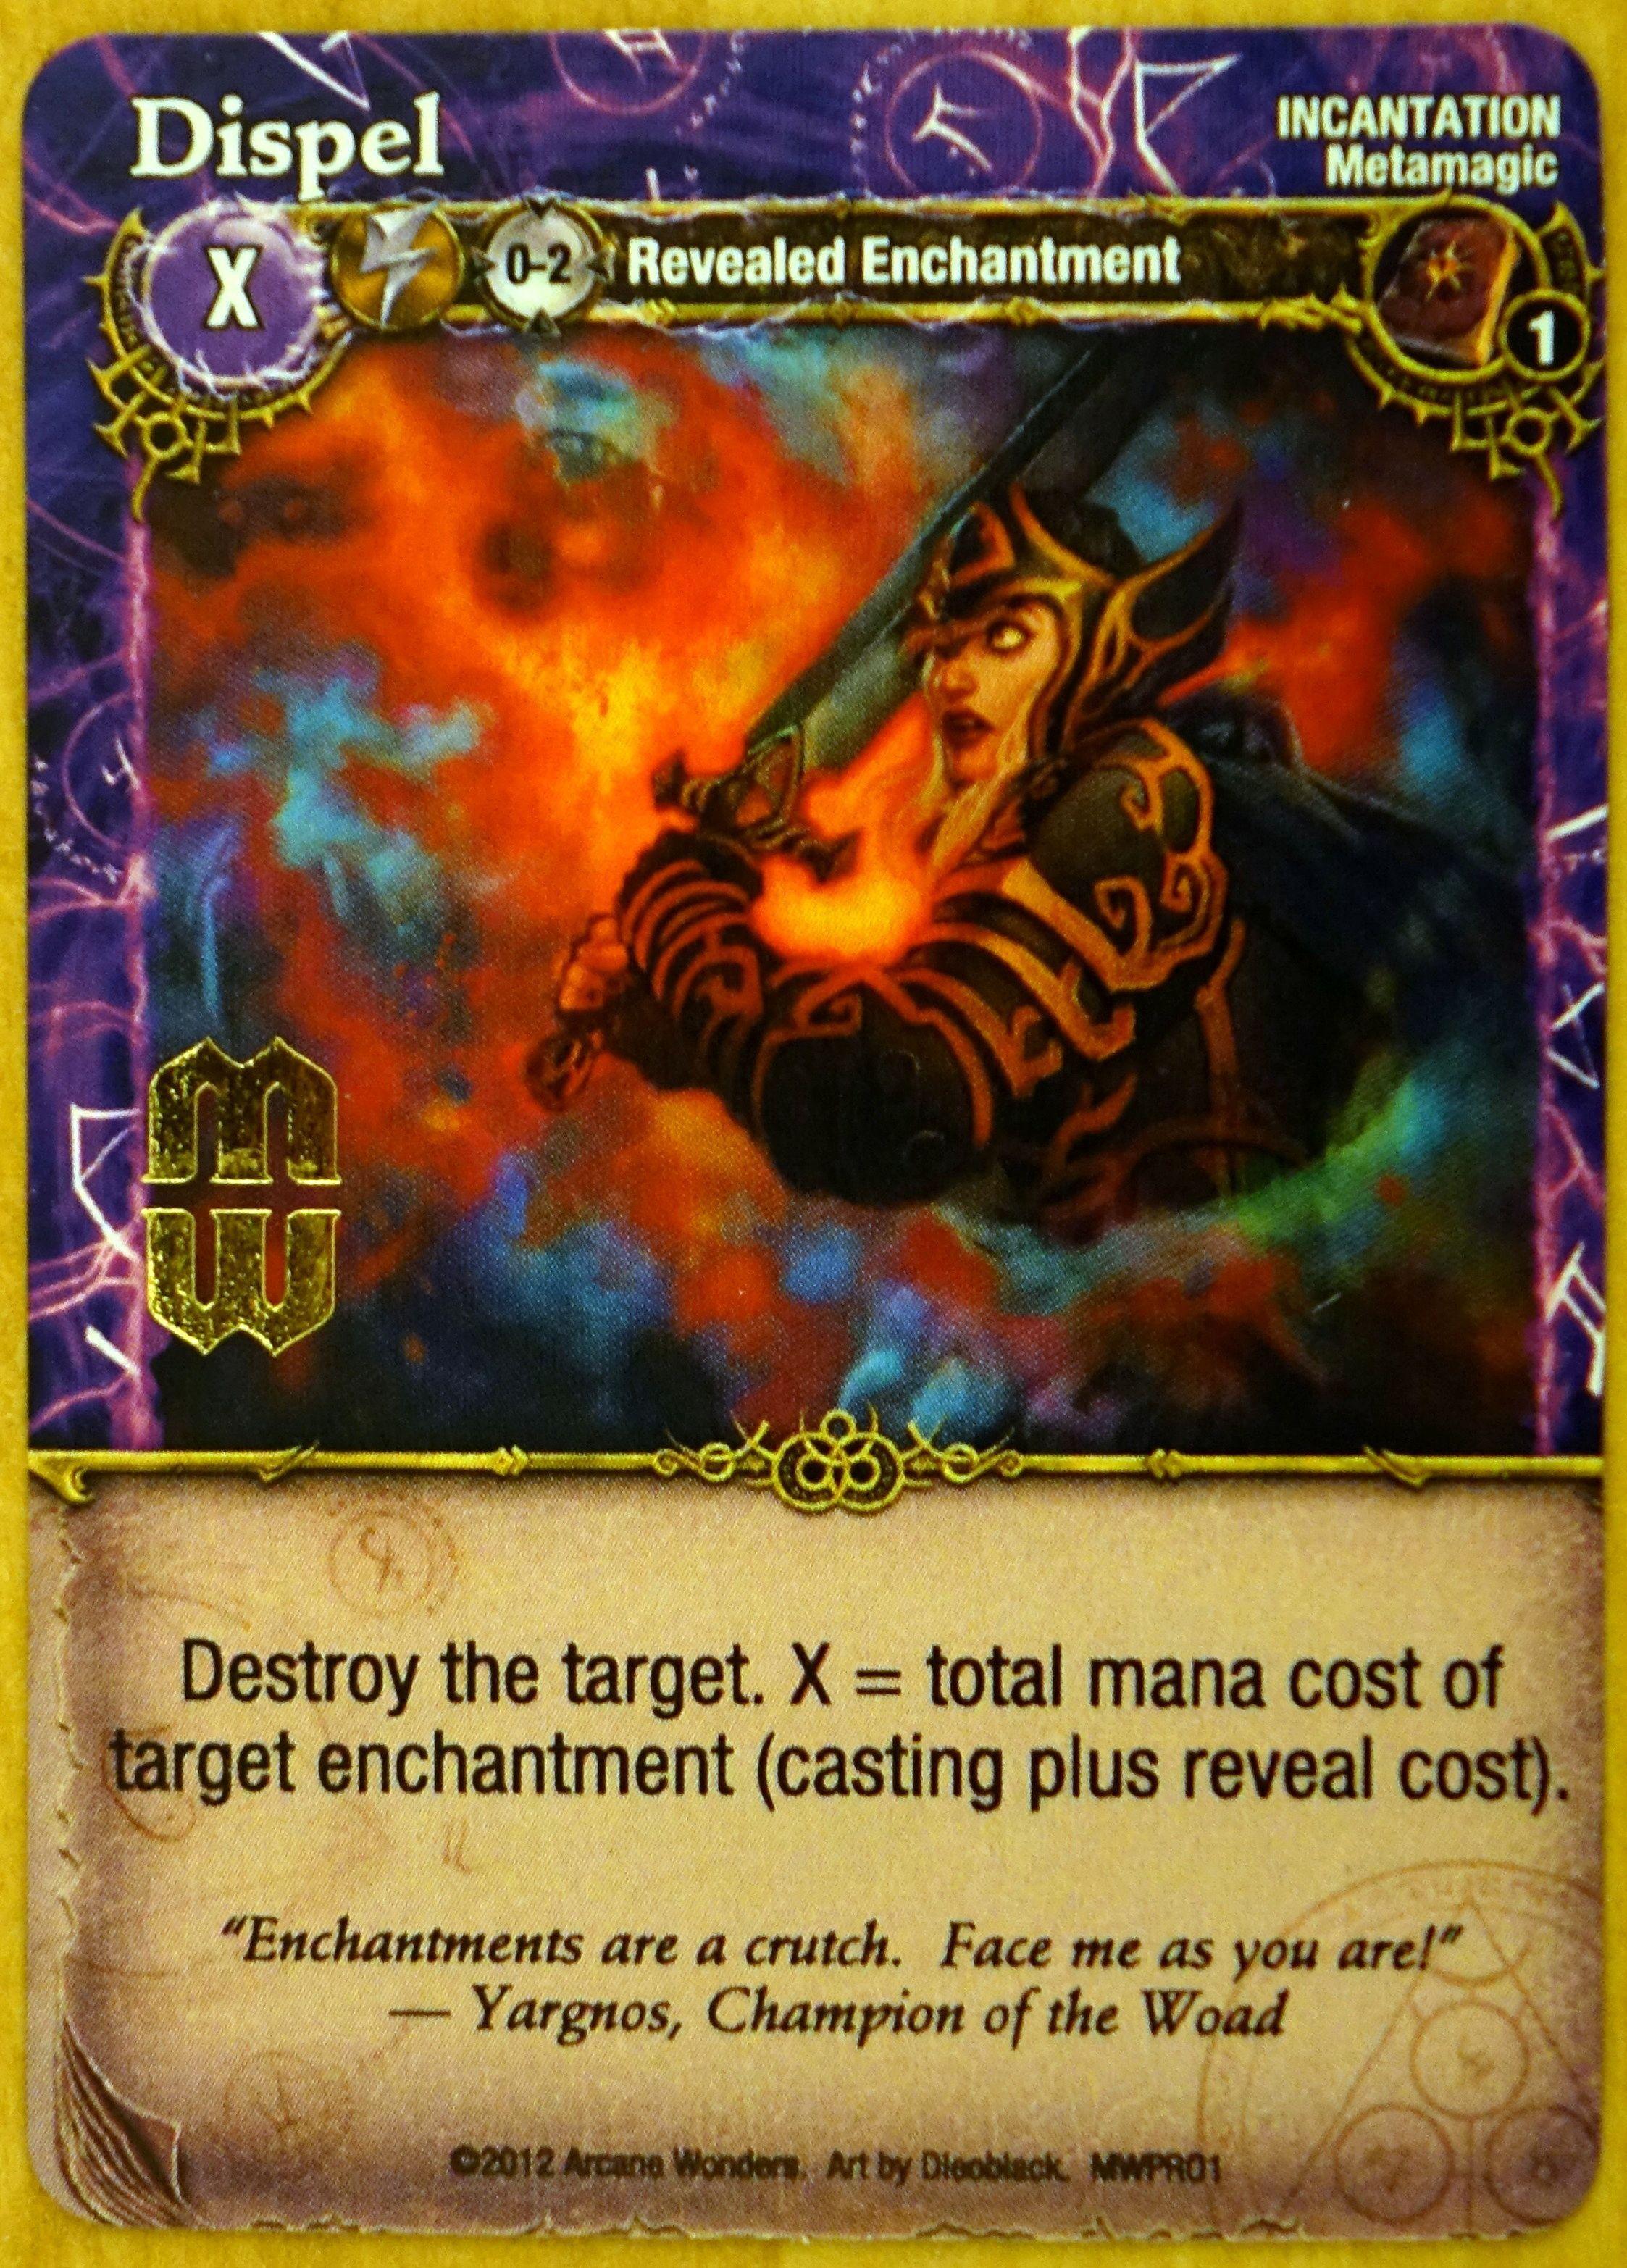 Mage Wars: Dispel Promo Card